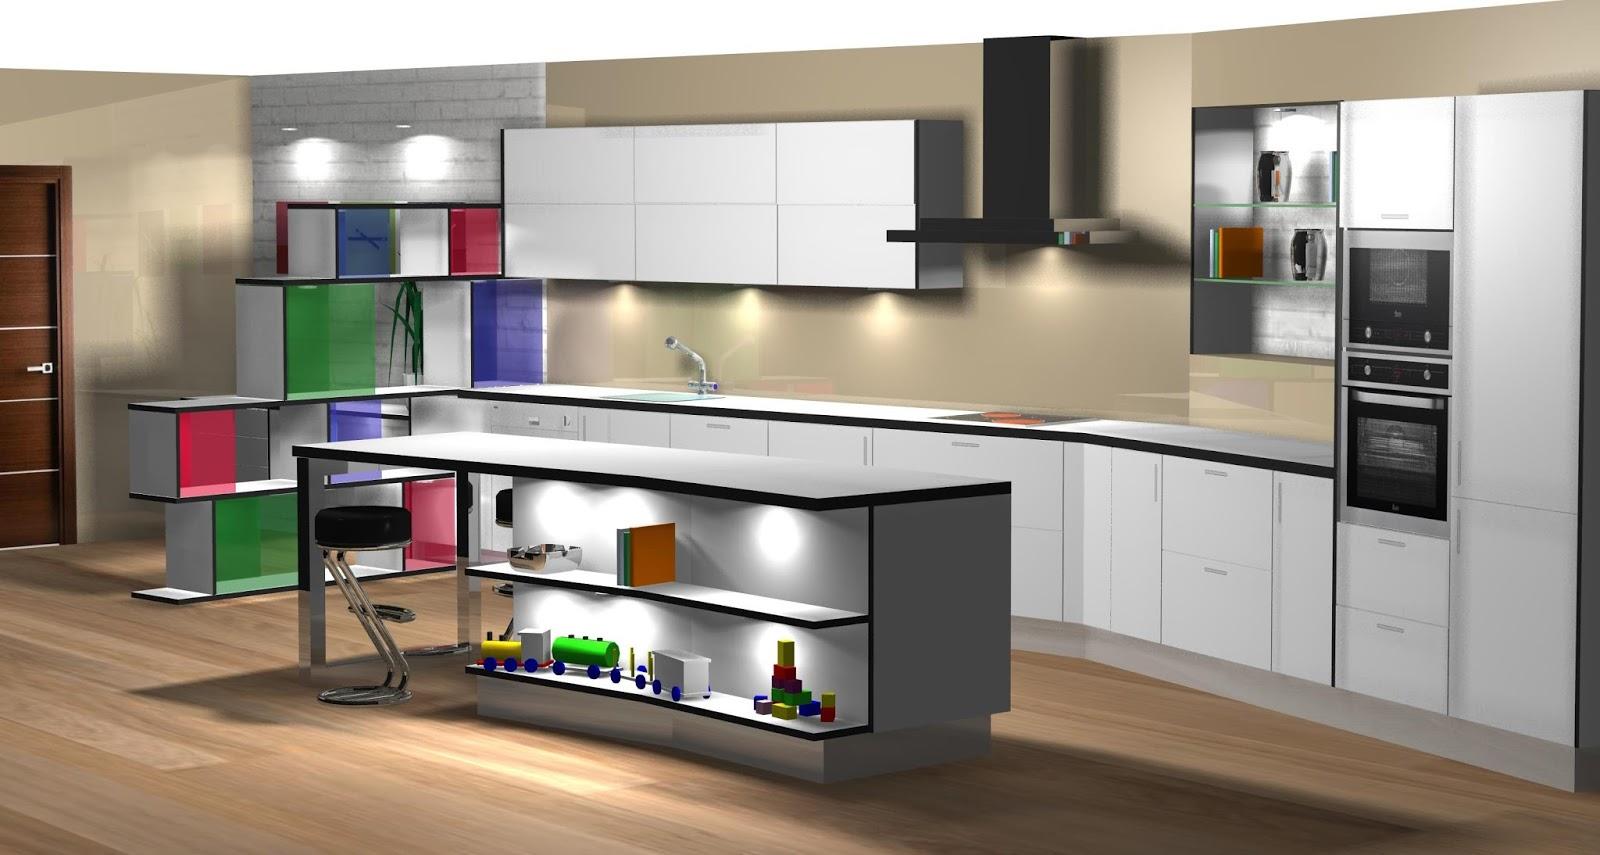 Dise o muebles de cocina dise o de cocina comedor lacado for Disenos de cocinas comedor modernas